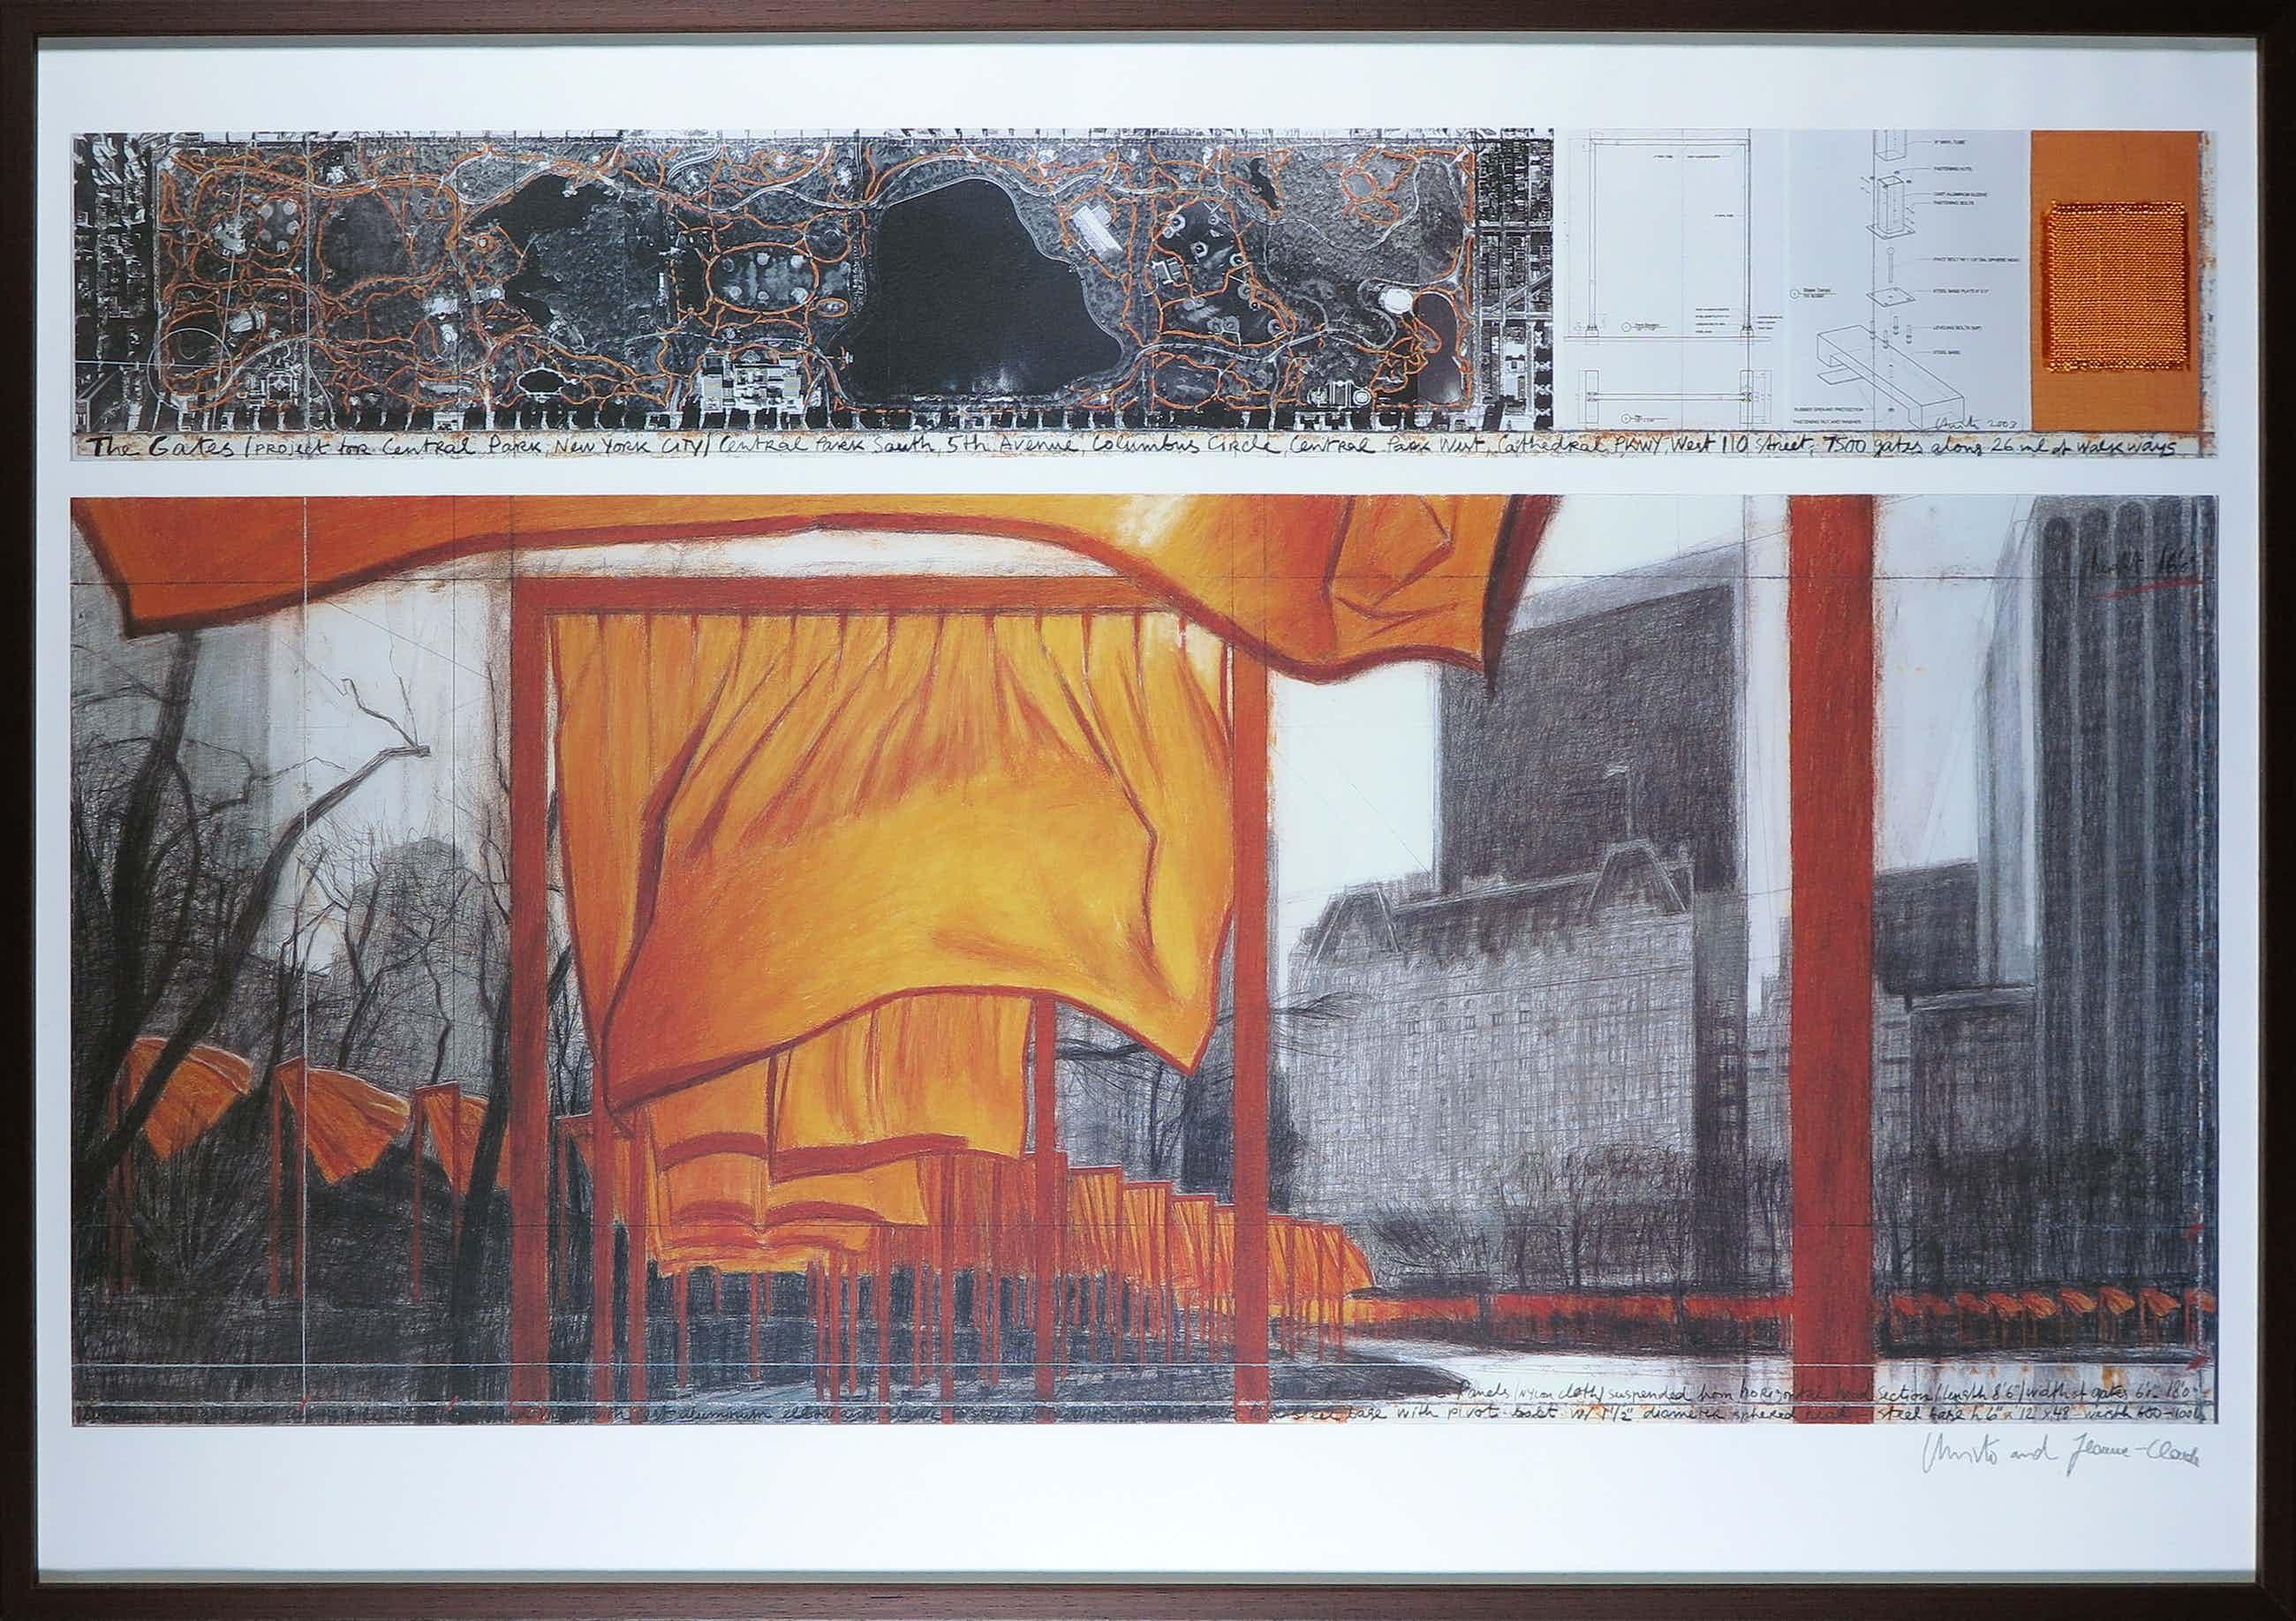 Christo - Handgesigneerd exemplaar The Gates met stukje stof - Ingelijst (Groot) kopen? Bied vanaf 380!